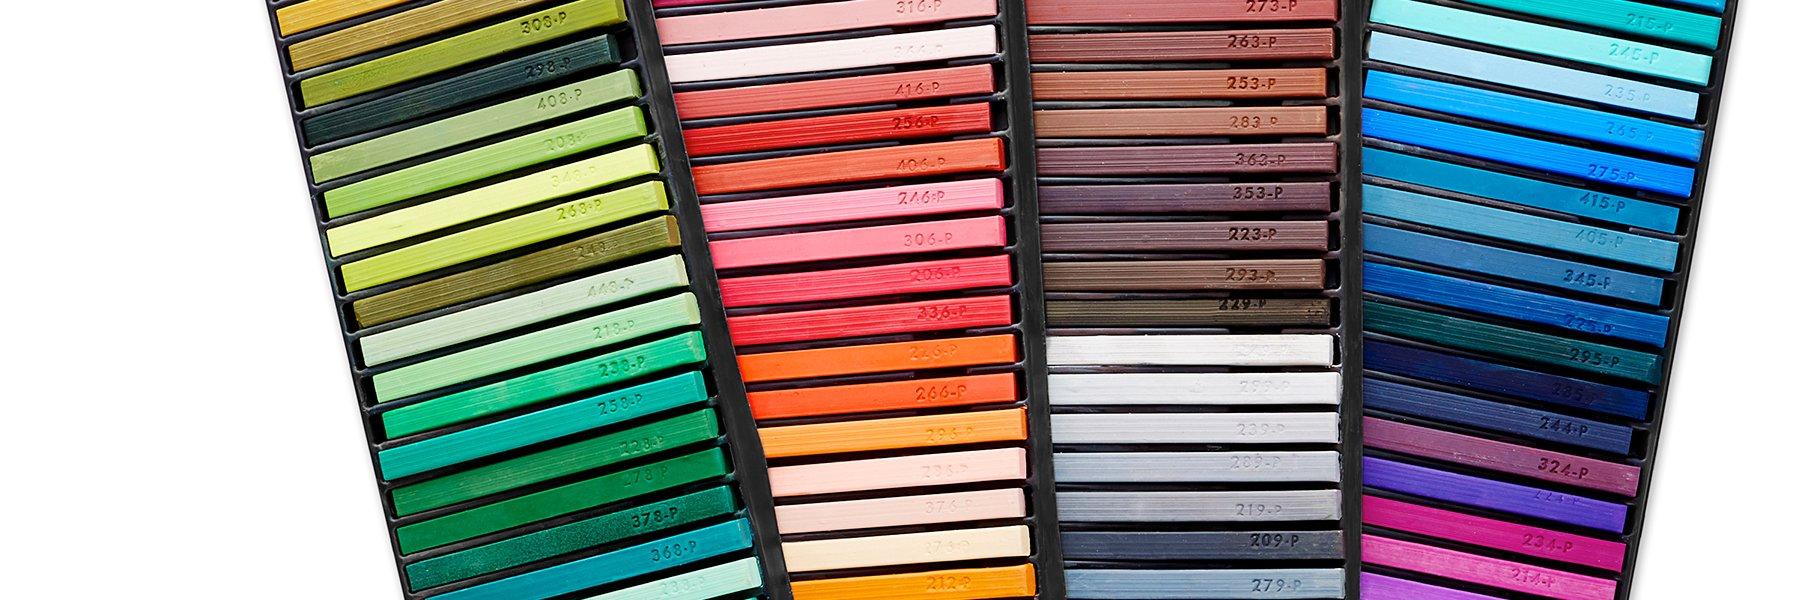 prismacolorpastelsslimbp3pv2.jpg